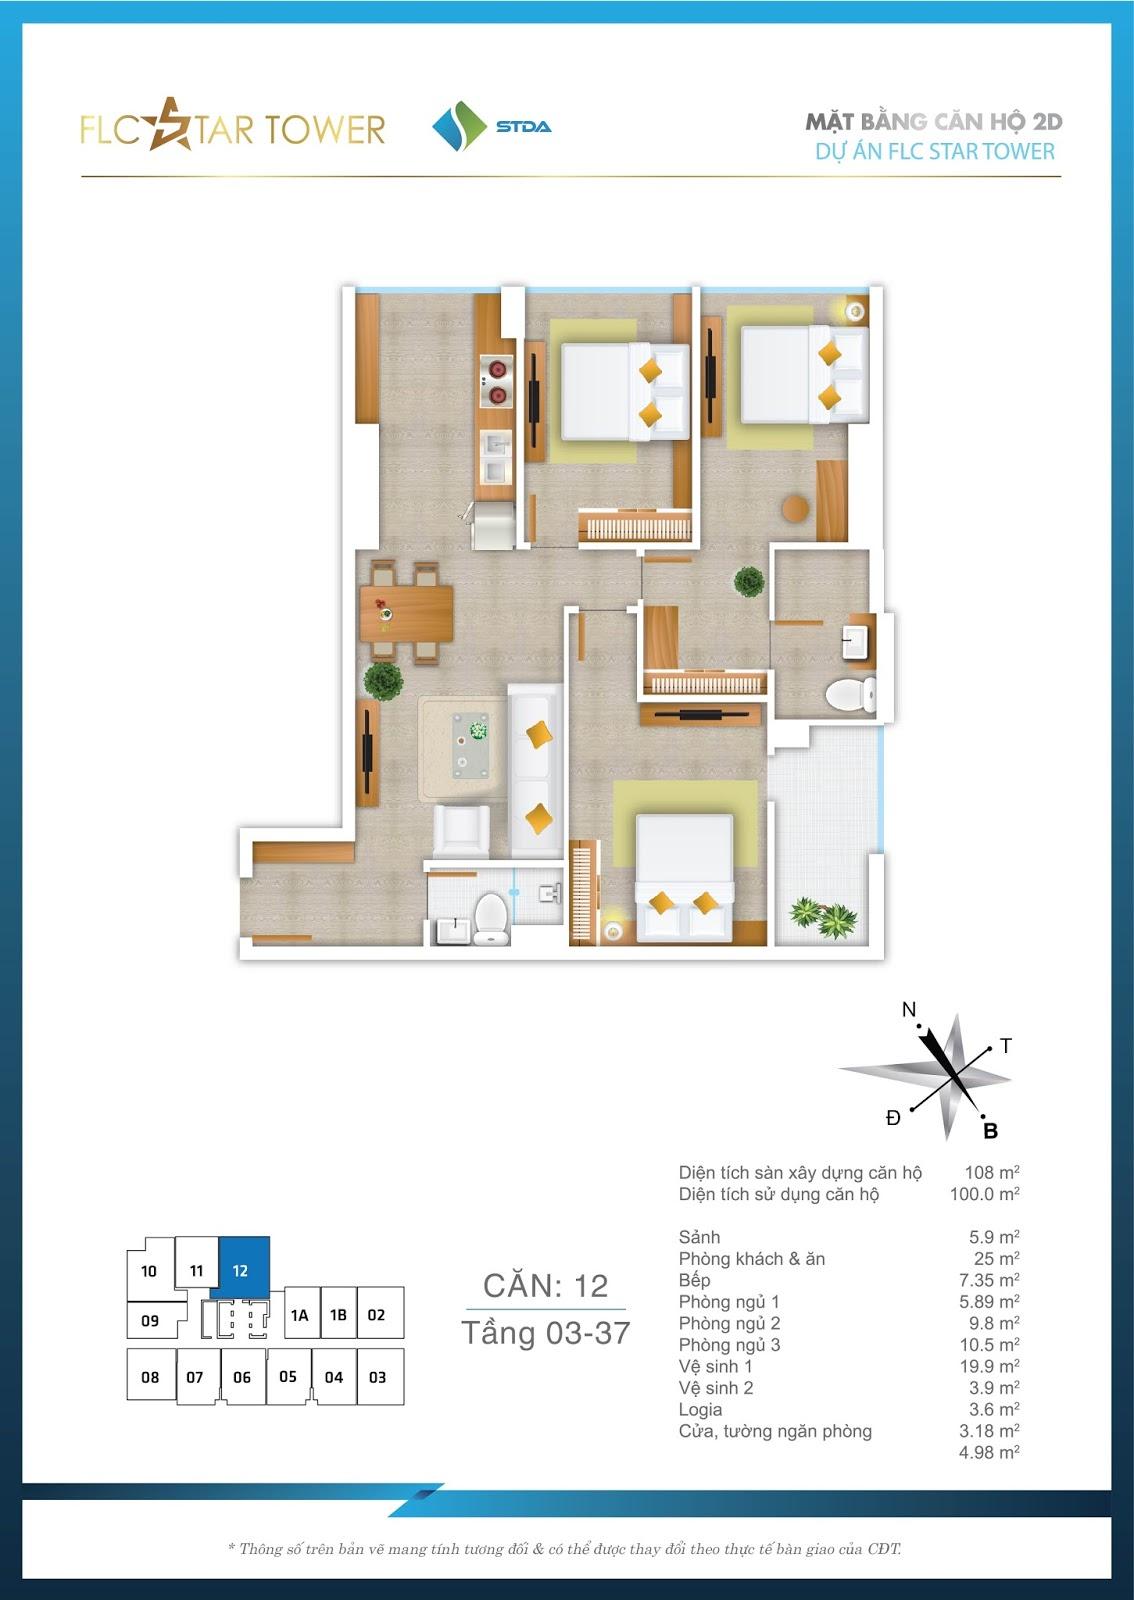 Thiết kế căn hộ 12 - Chung cư FLC Star Tower Hà Đông